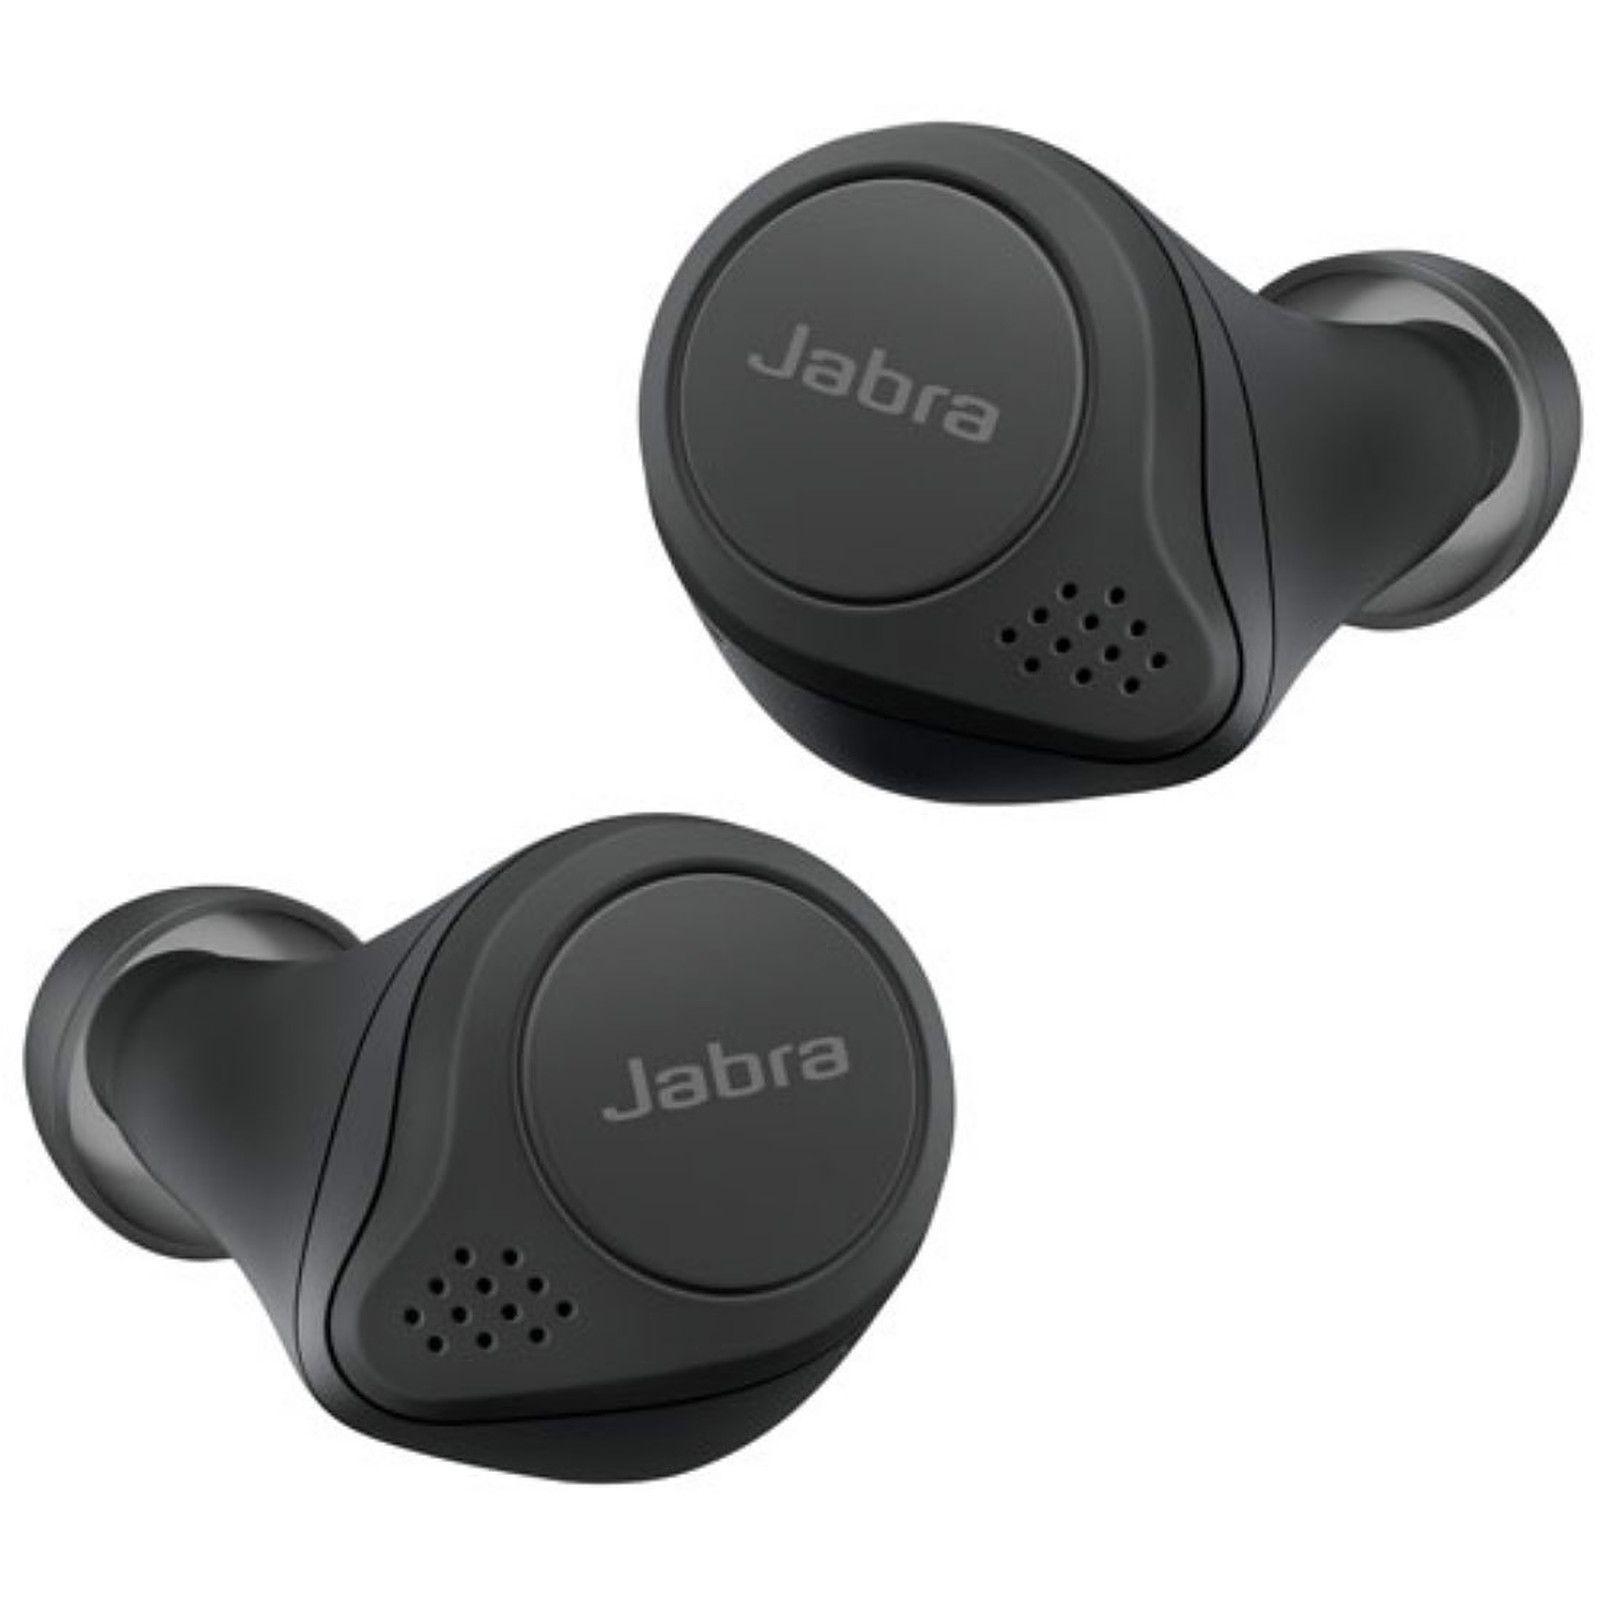 Écouteurs intra-auriculaires sans-fil Jabra Elite 75T - True Wireless, Bluetooth 5.0